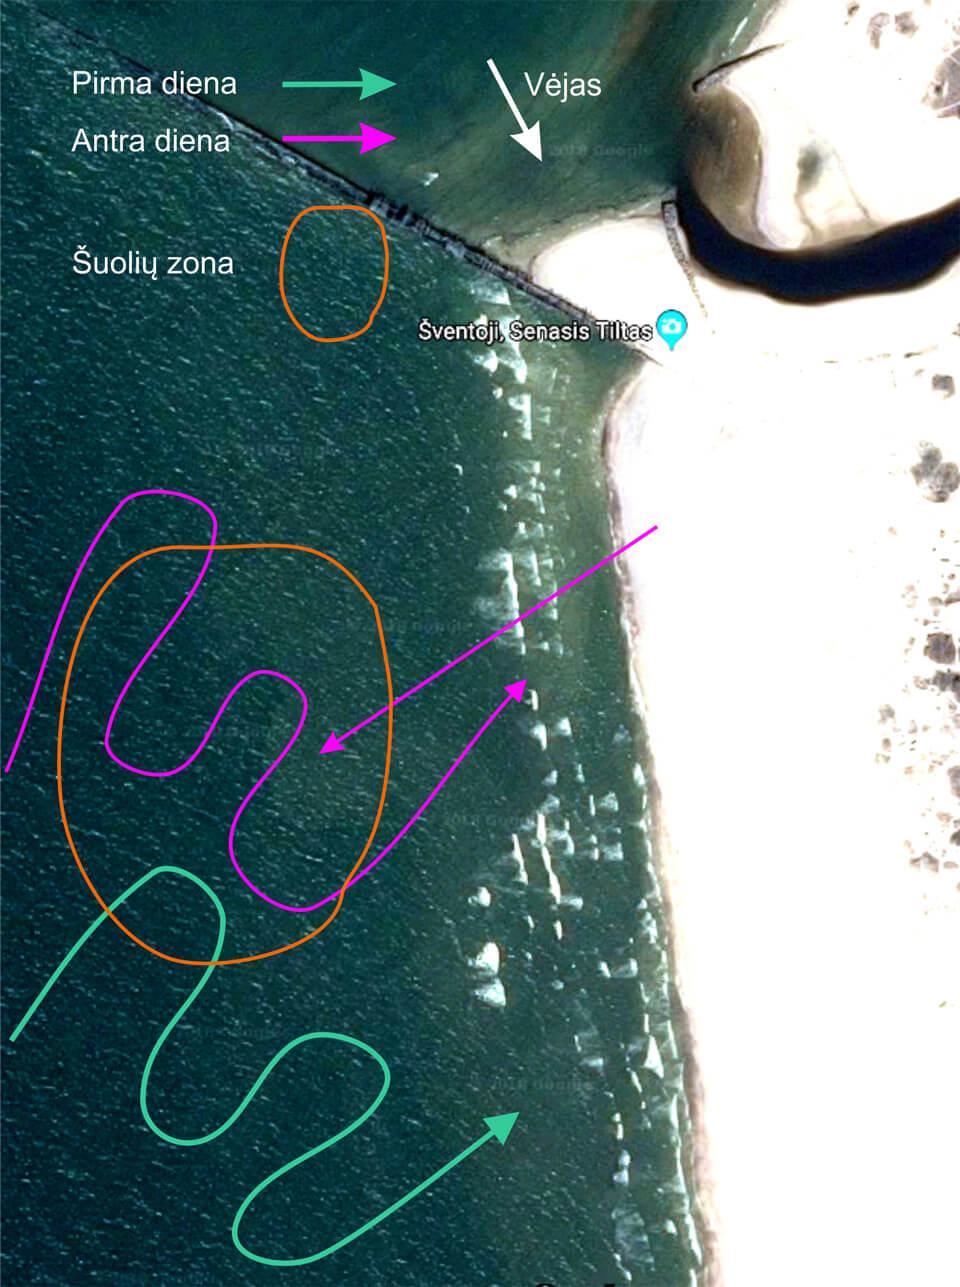 Šventosios pietinio spoto vaizdas. Esant didelėms bangoms linksmiausia bangas raižyti gelbėjimo stoties linijoje. Jei bangos nedidelės, jos geresnės arčiau molo.